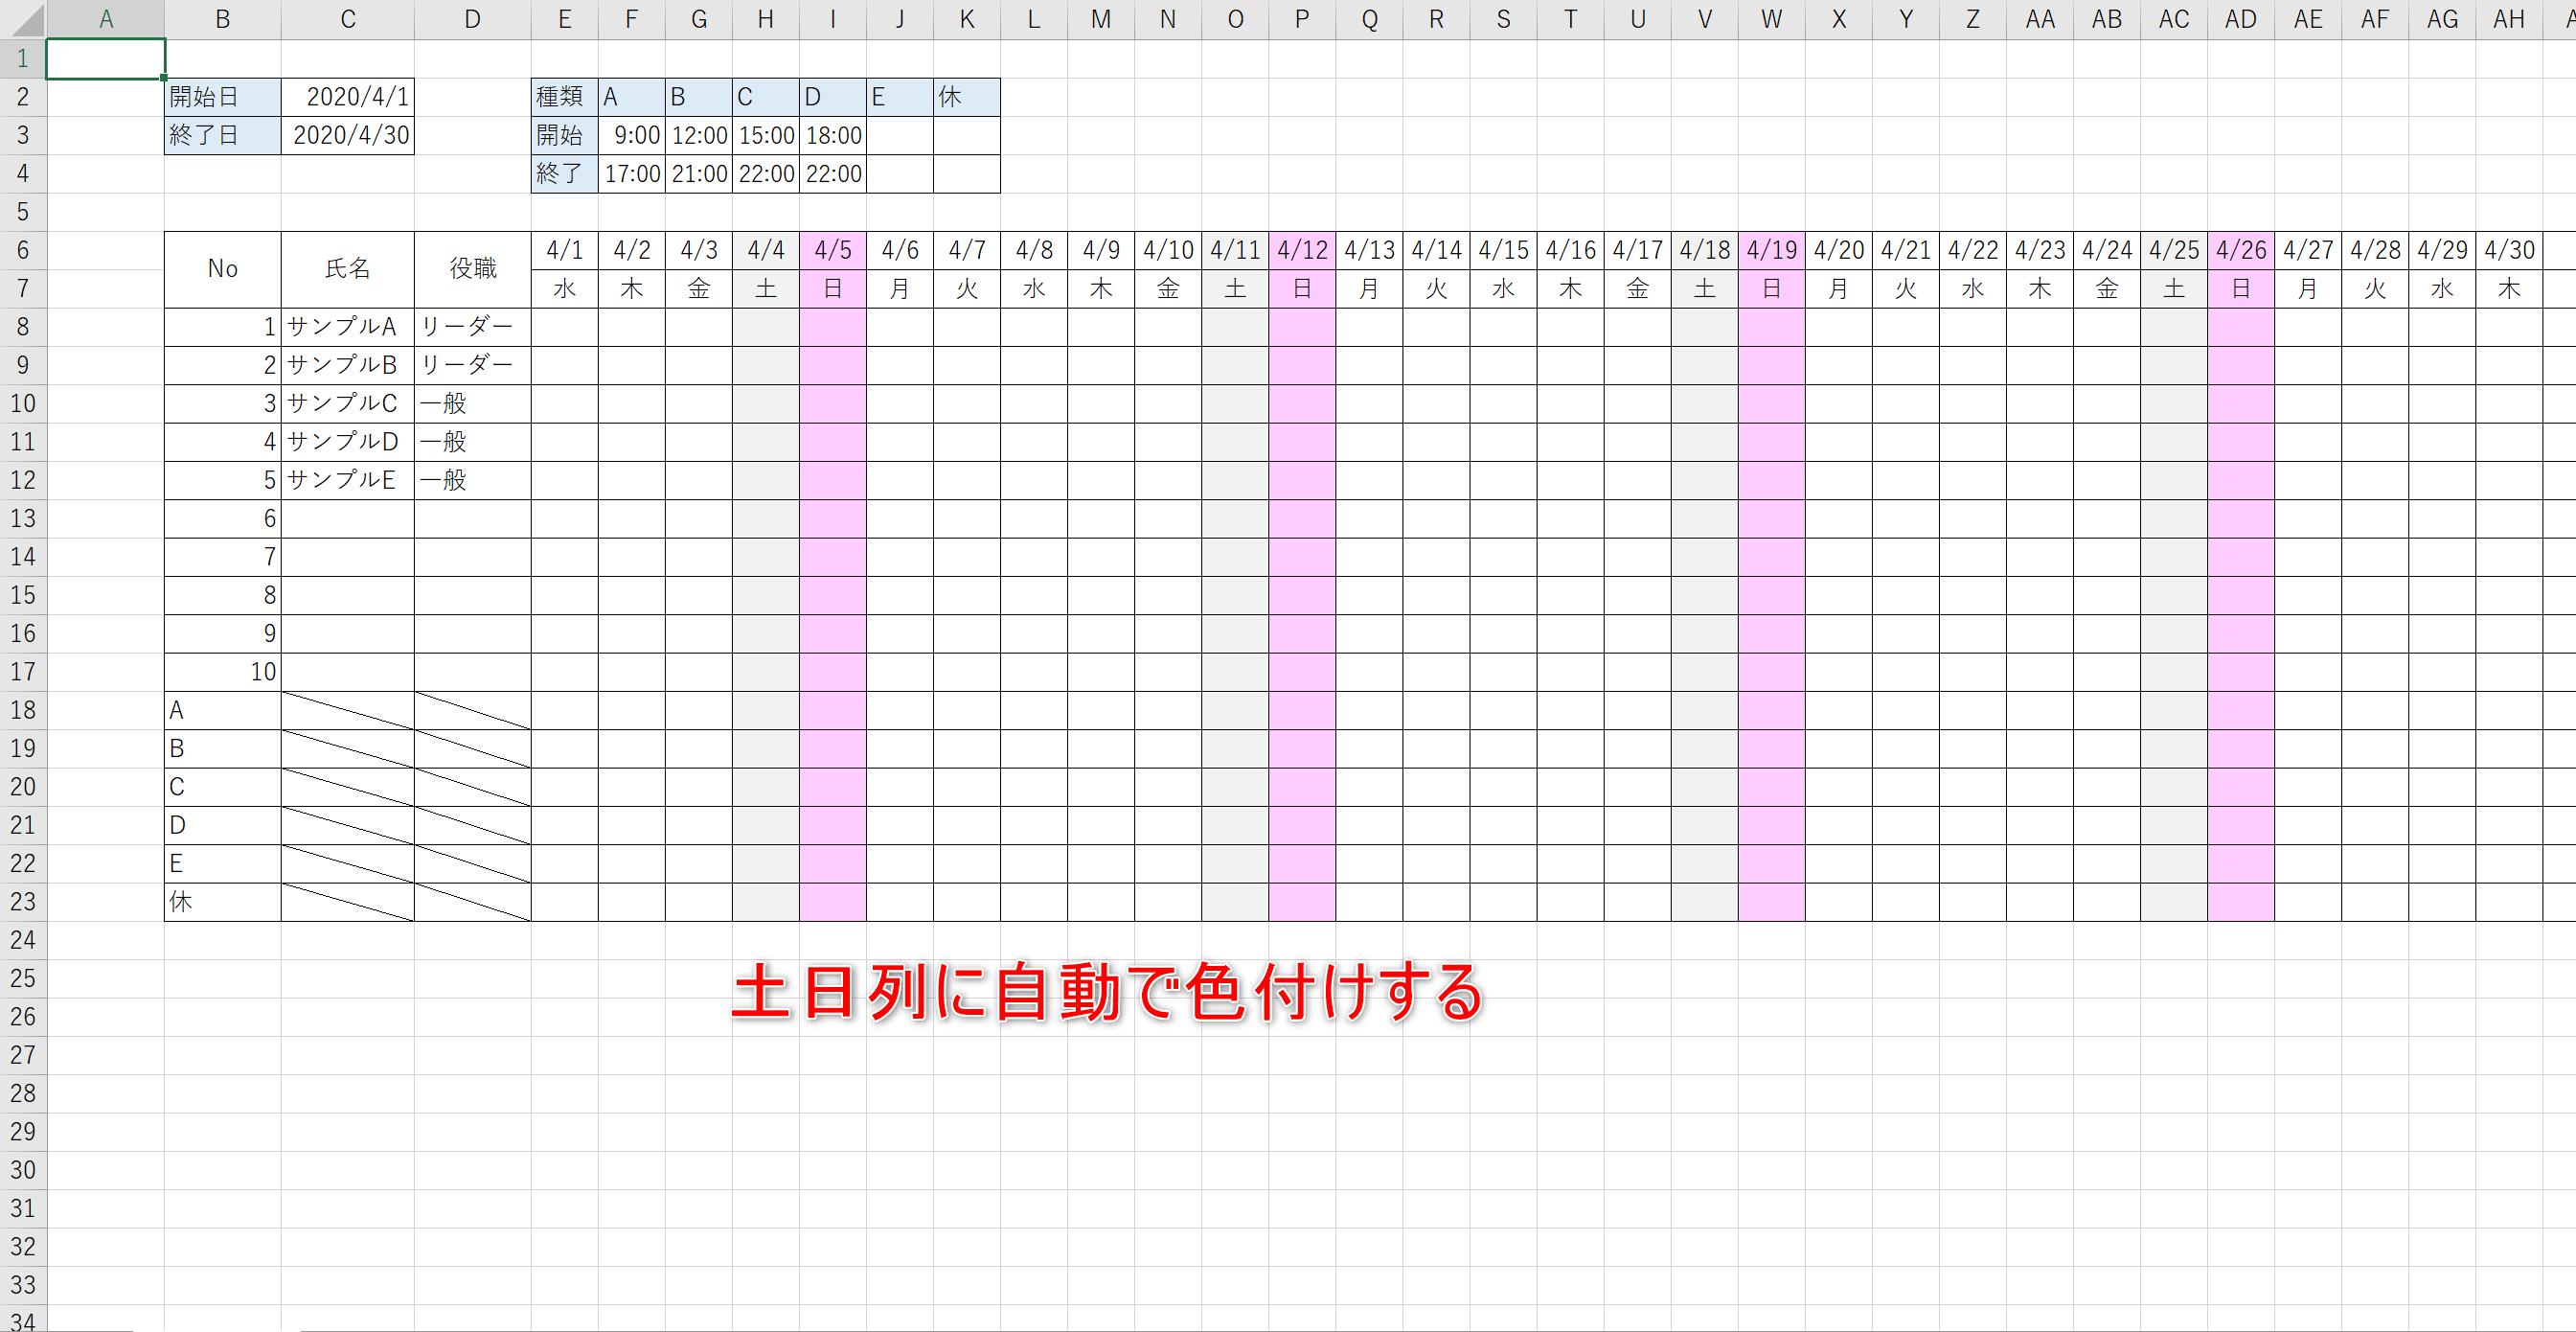 Excelシフト表動画解説記事12